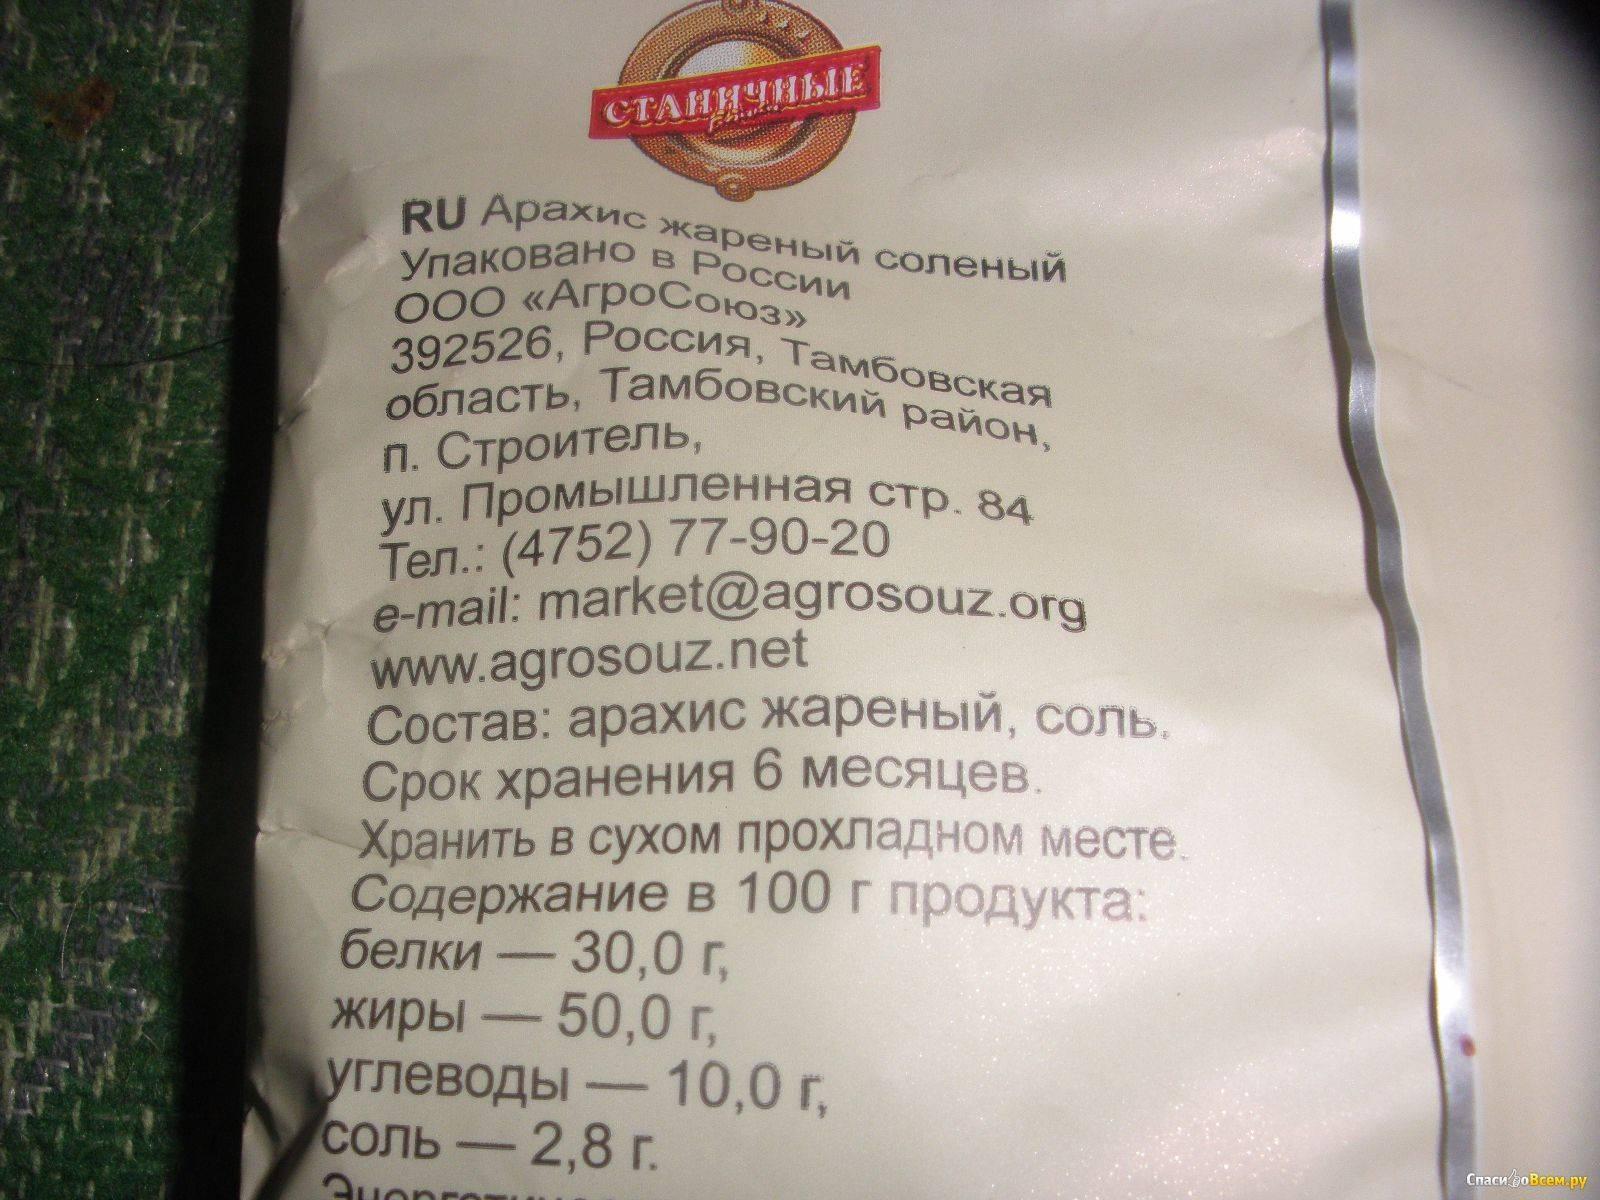 Арахис жареный соленый – калорийность, полезные свойства, пищевая ценность, витамины